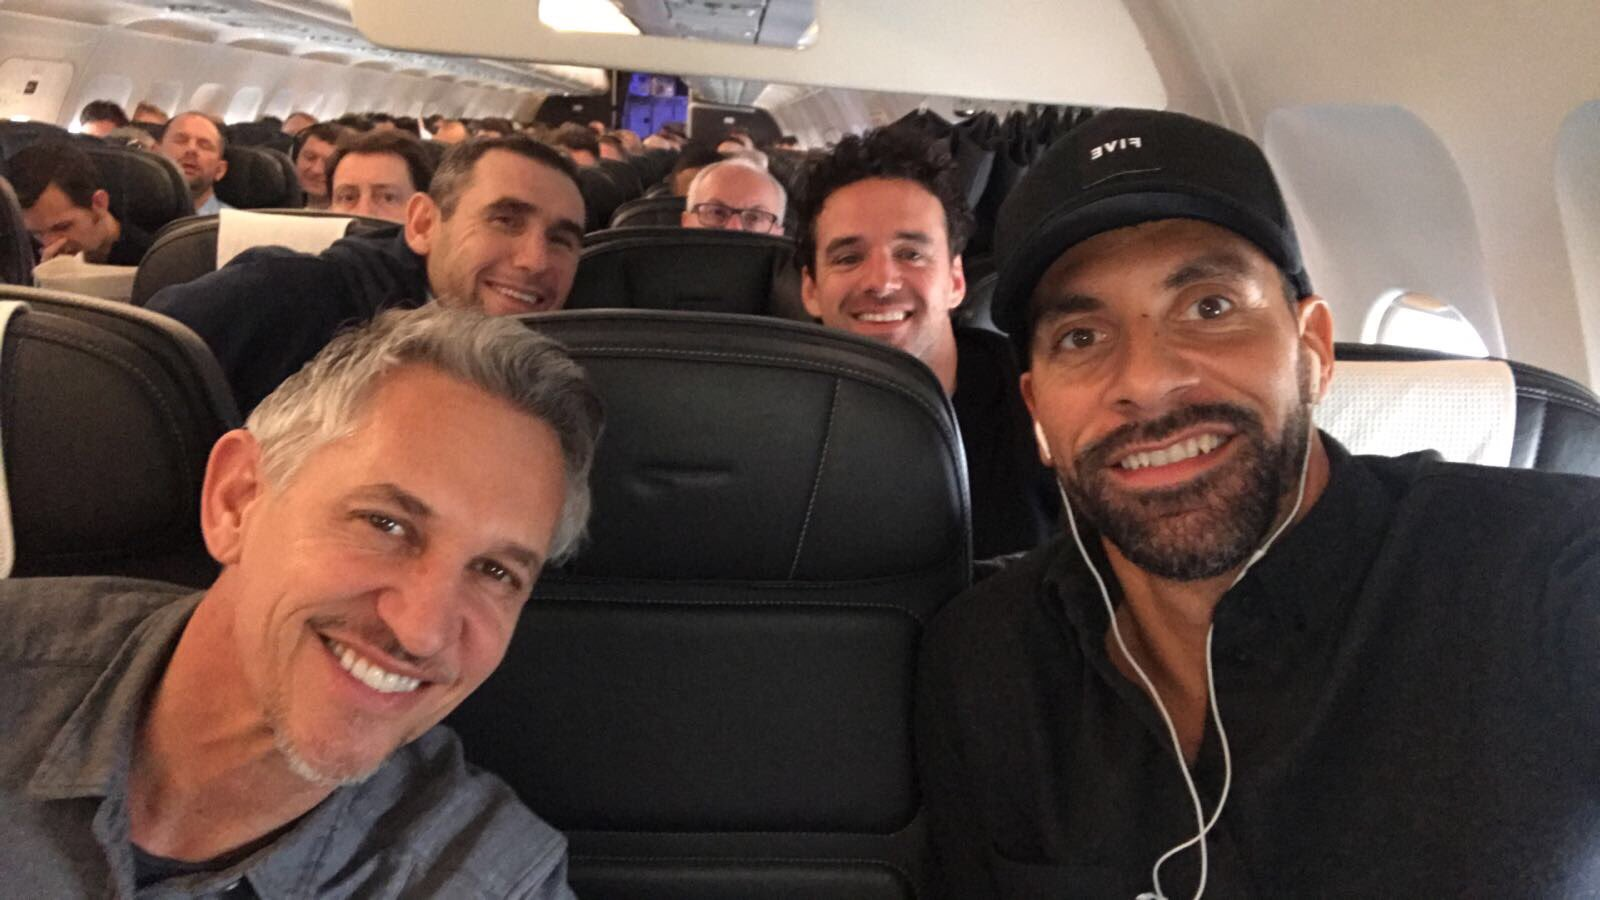 Munich bound with the @btsport crew... smiles from @GaryLineker Owen & the mad man marker @martinkeown5 🛩⚽️ #UCL https://t.co/G6nOl9lpMI